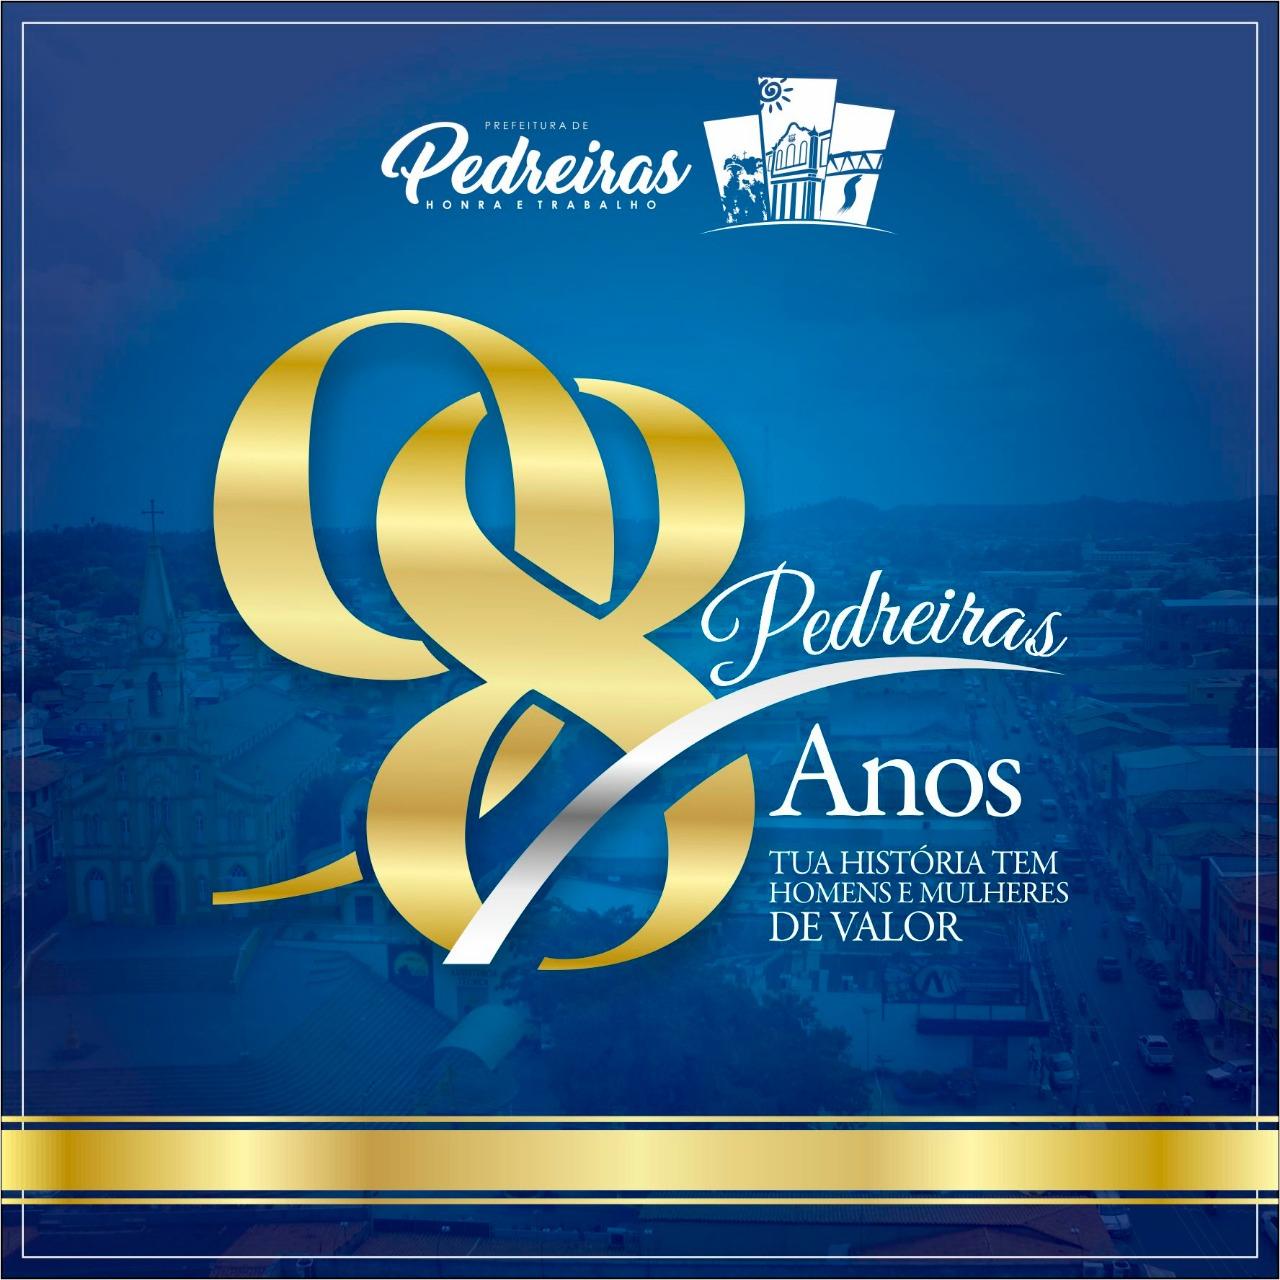 PEDREIRAS 88 ANOS